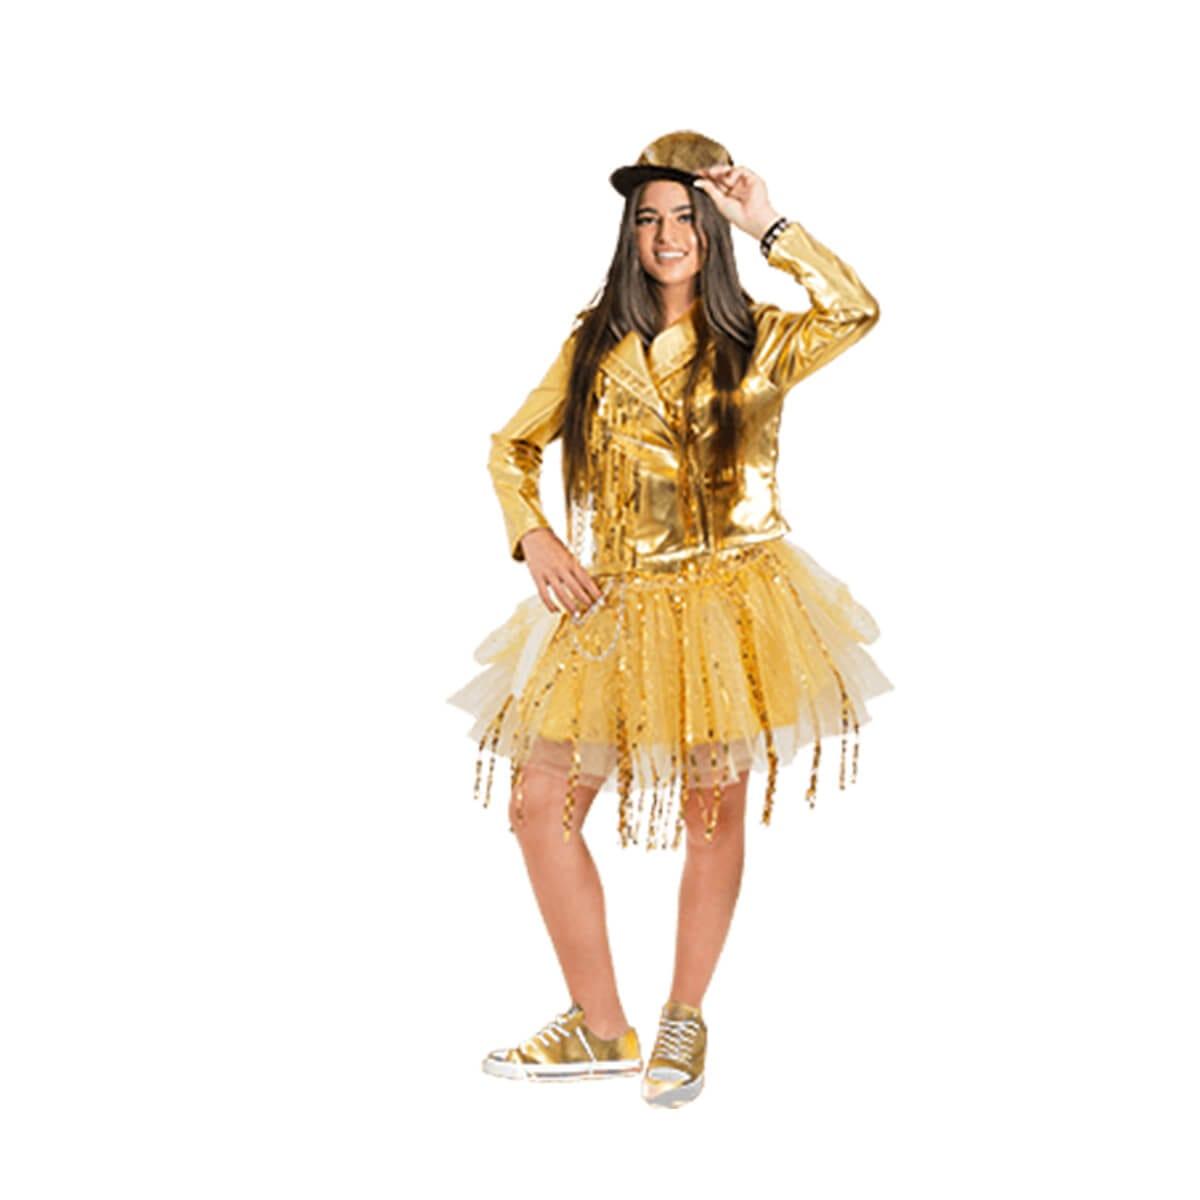 תחפושת נועה קירל – חצאית זהב לנוער  – פורים שושי זוהר